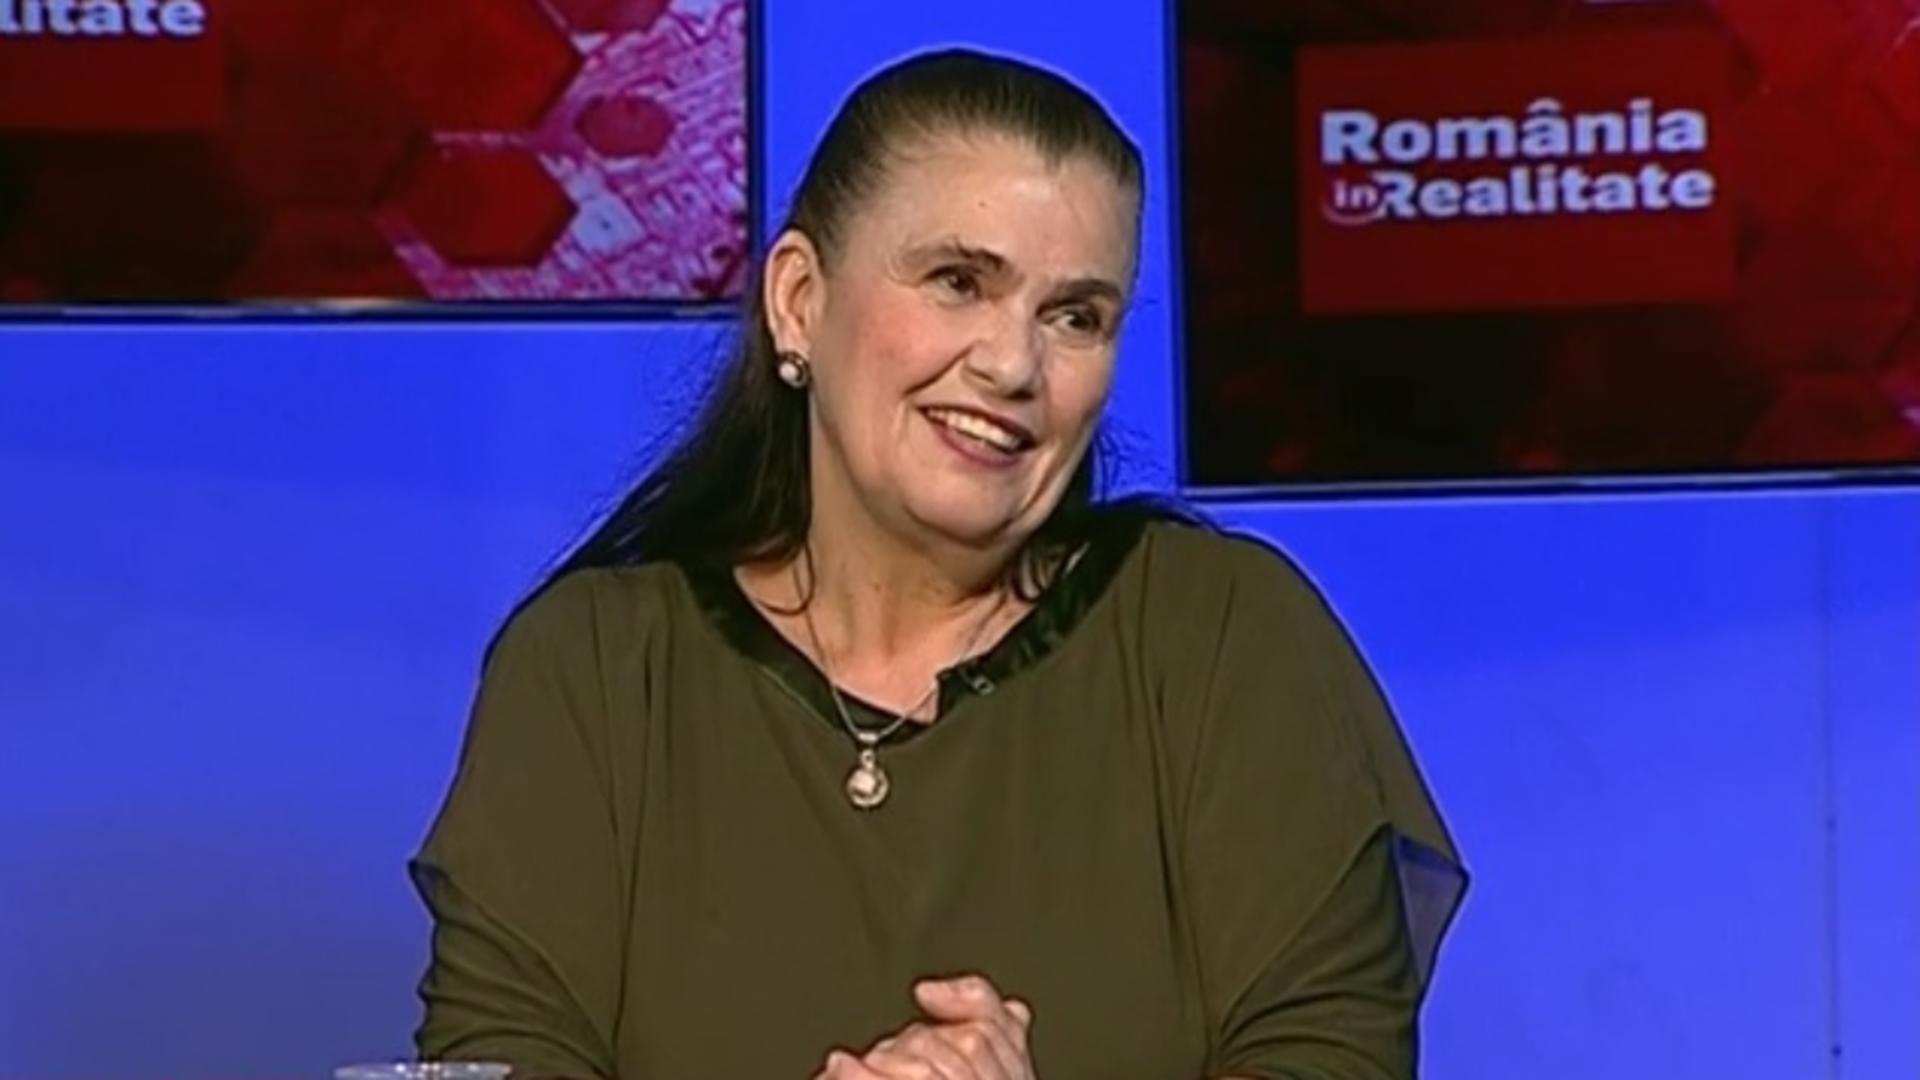 Felicia Filip